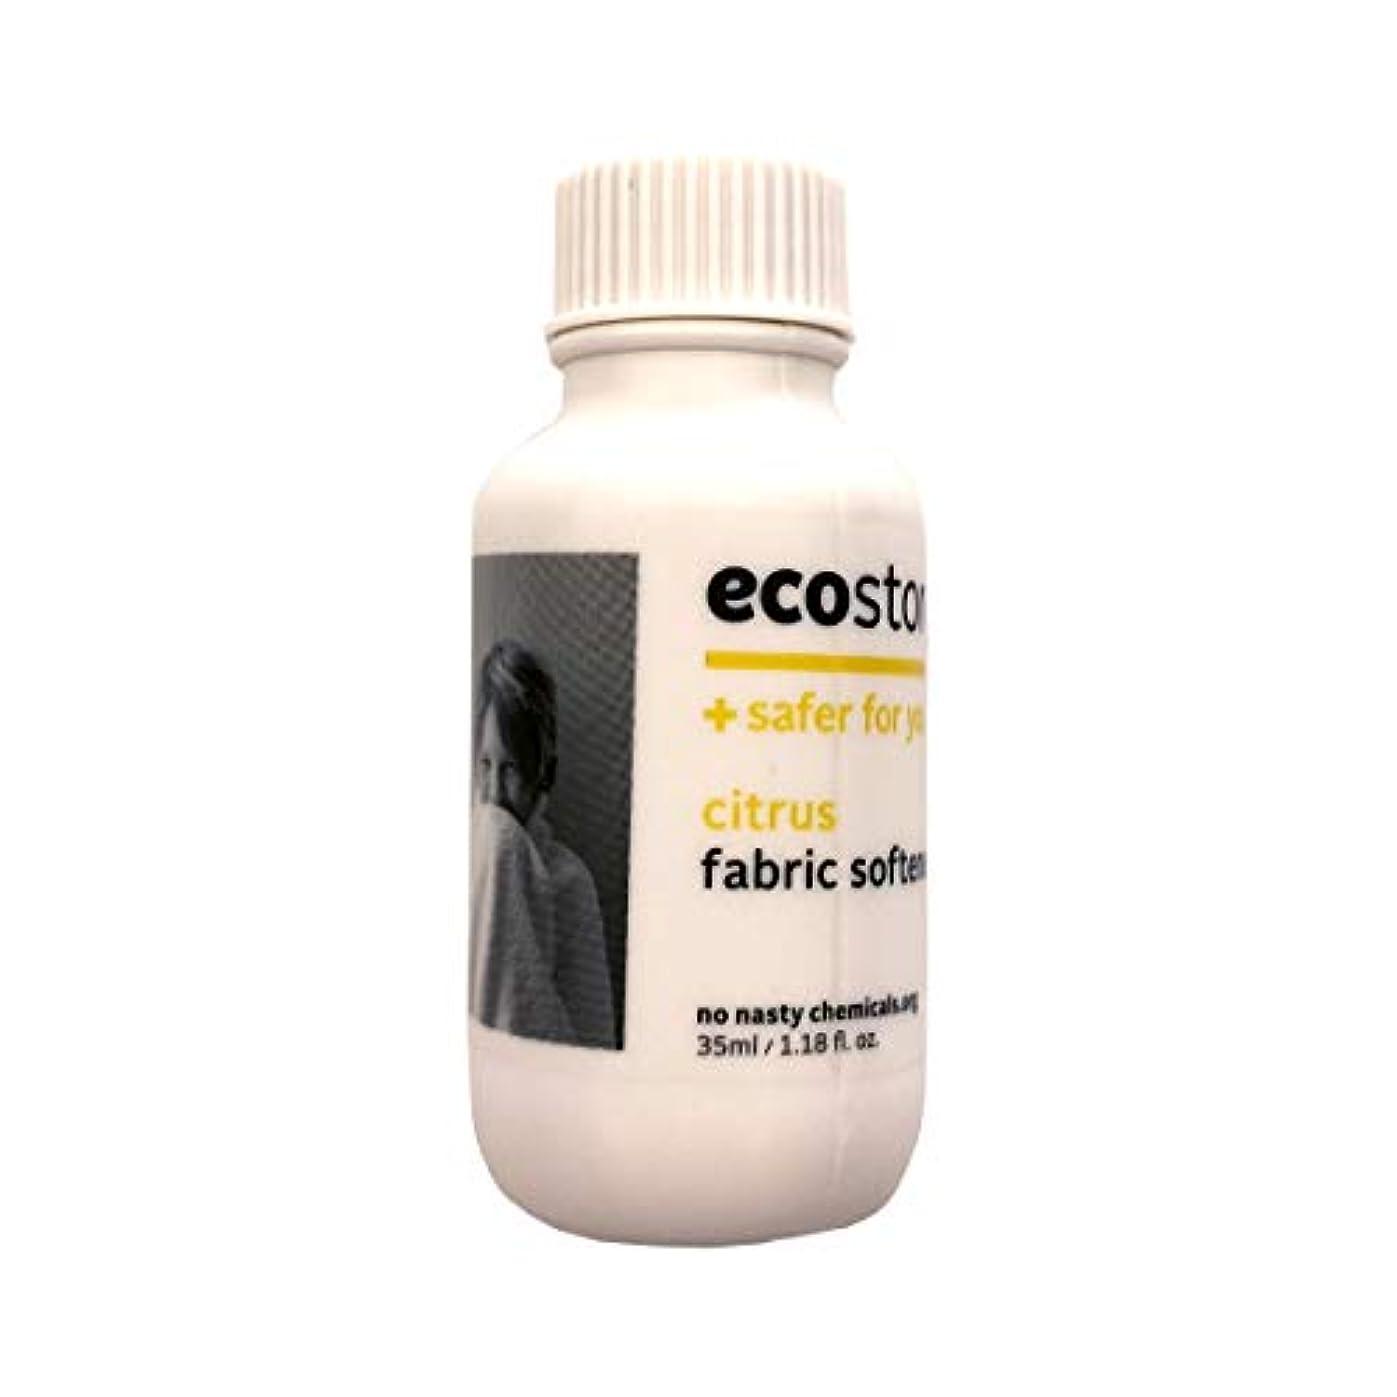 フラスコ専門用語過剰ecostore(エコストア) ファブリックソフナー  シトラス 35ml 柔軟仕上げ剤 実質無料サンプルストア対象